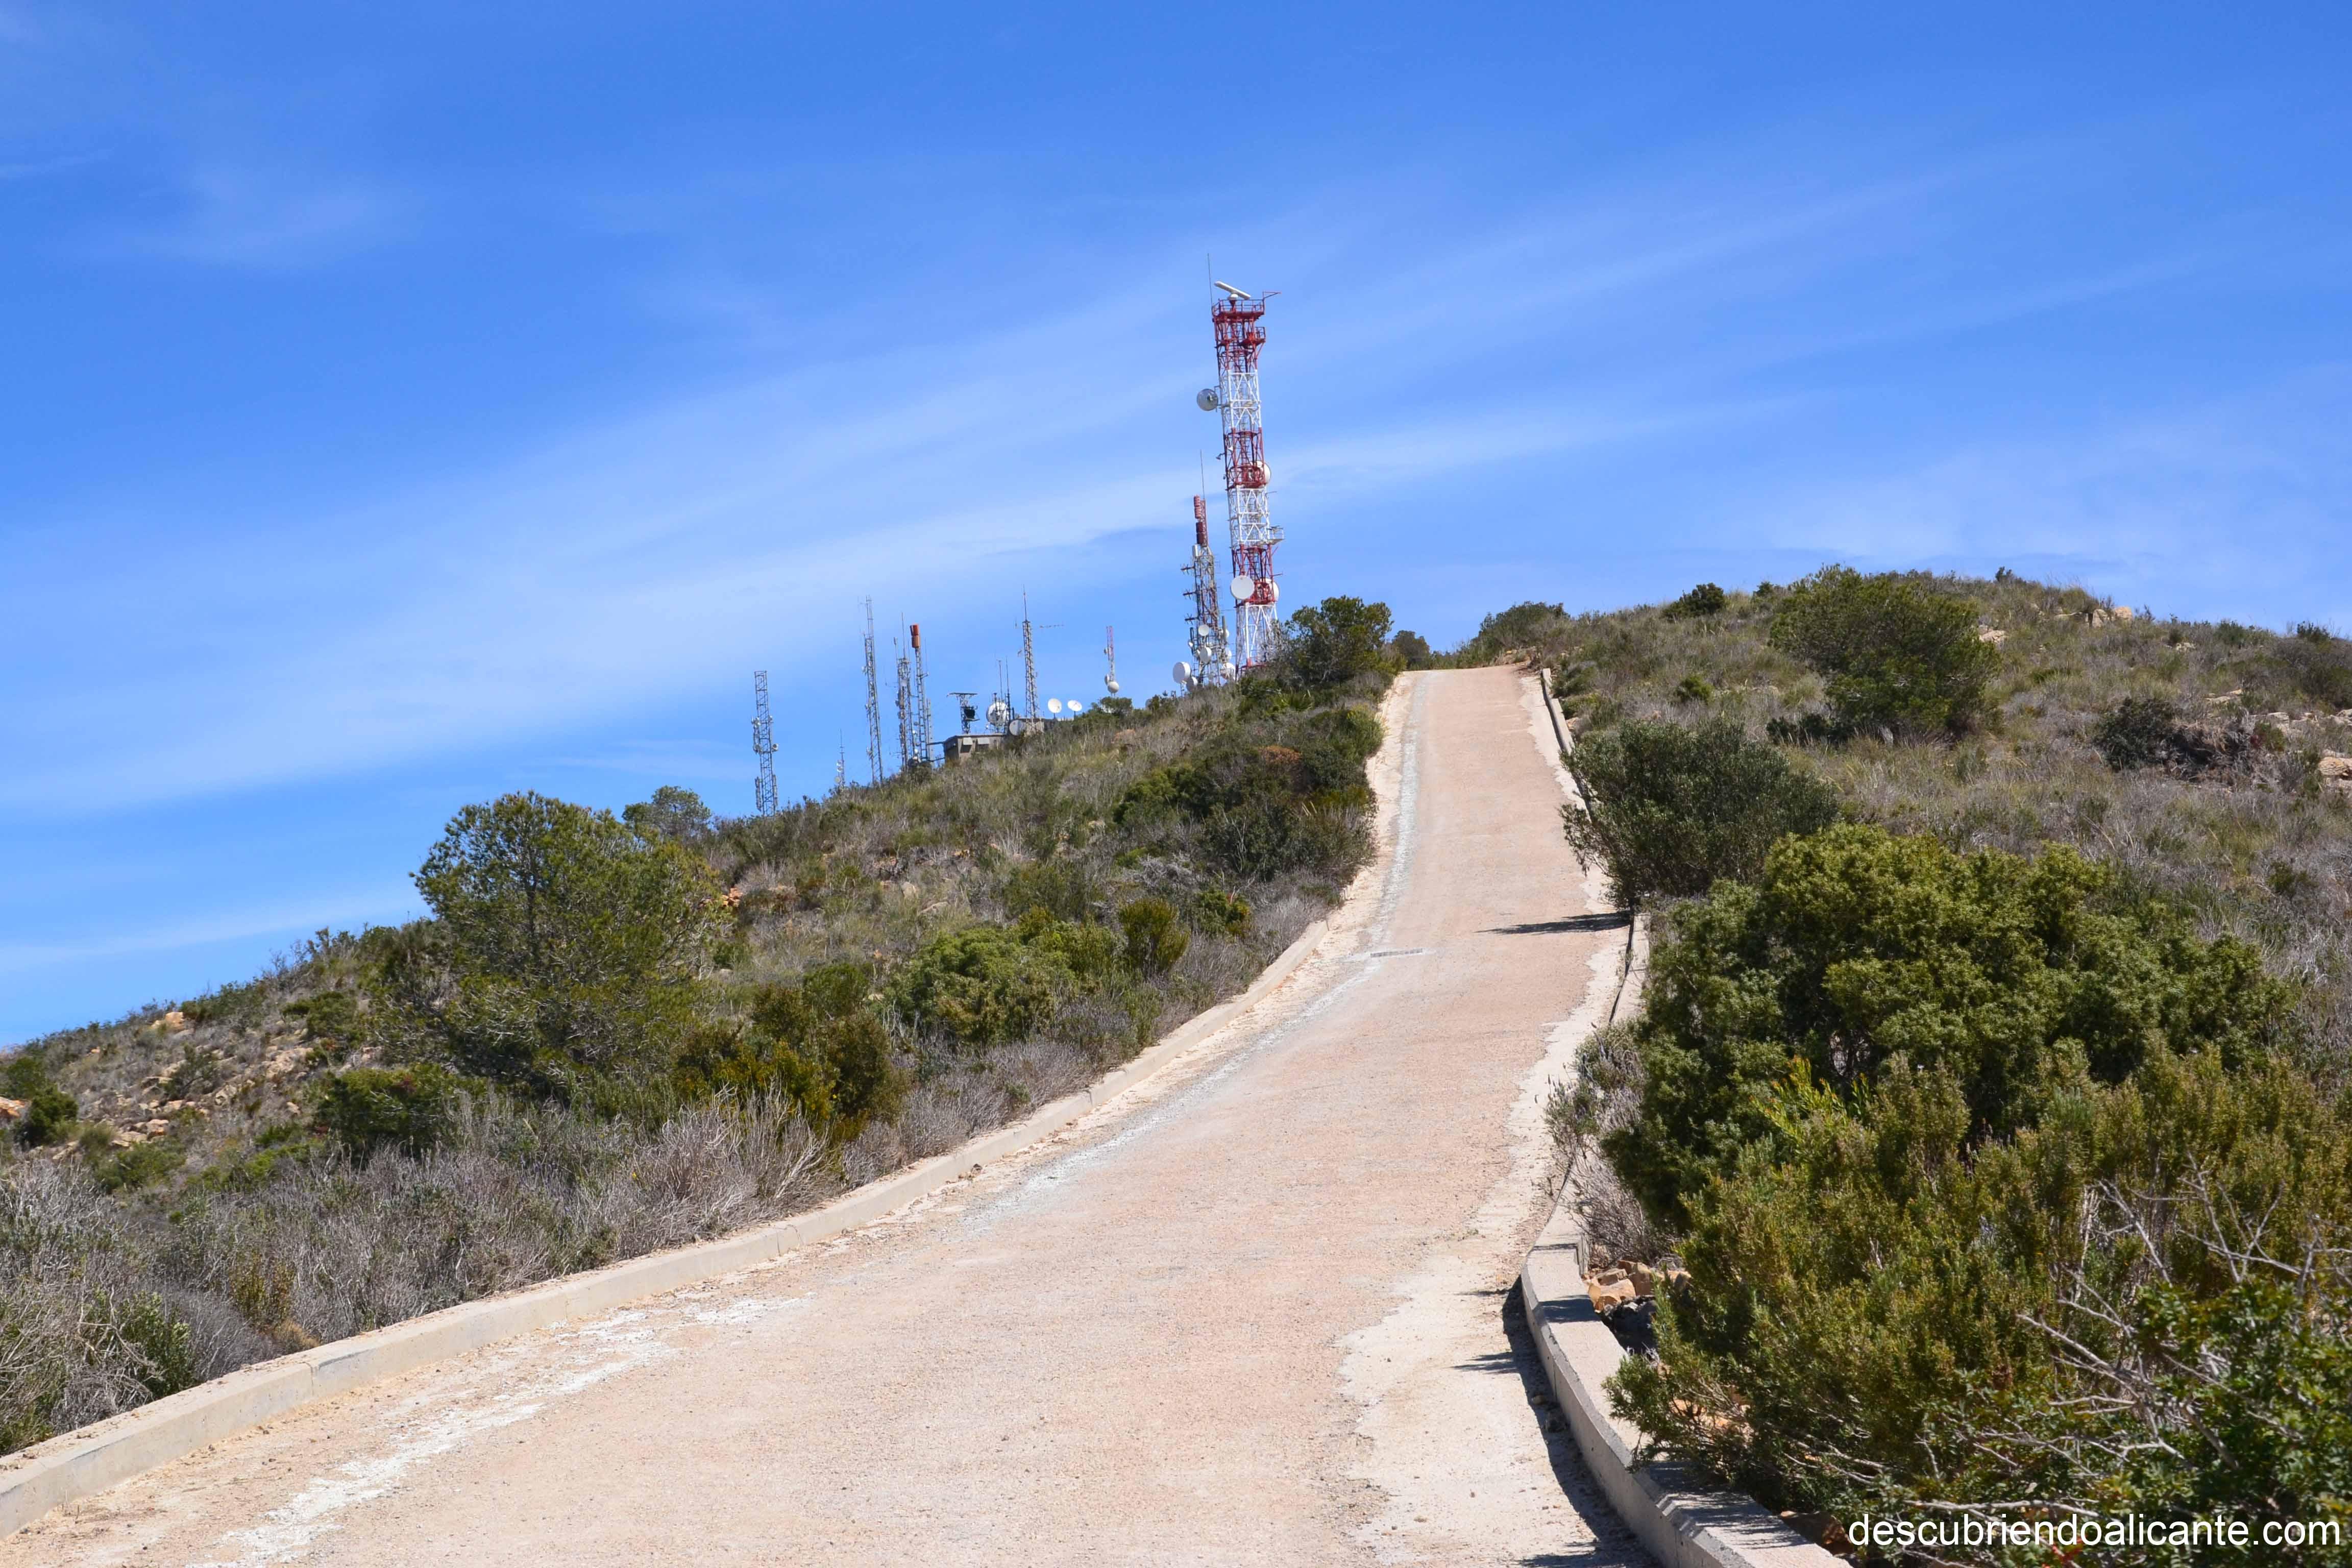 8-pista-asfaltada-hasta-antenas-serra-gelada